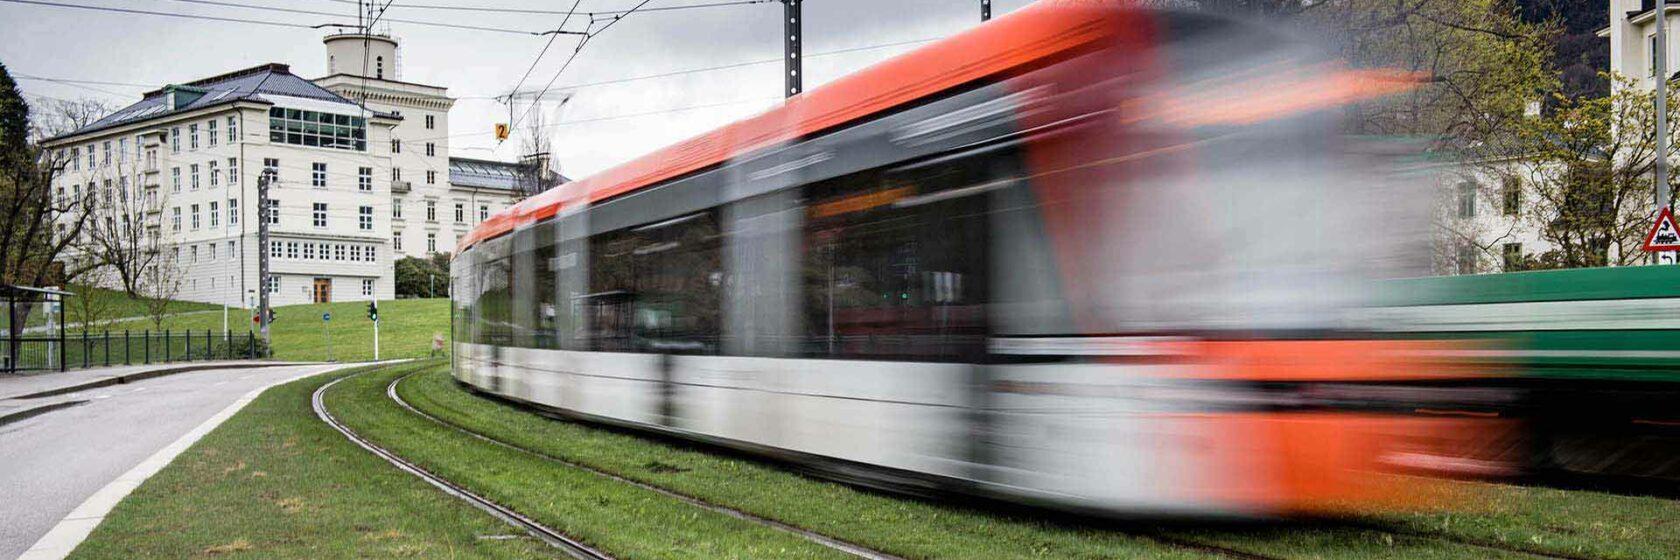 Tram rijdend over groen spoor Bybanen Bergen